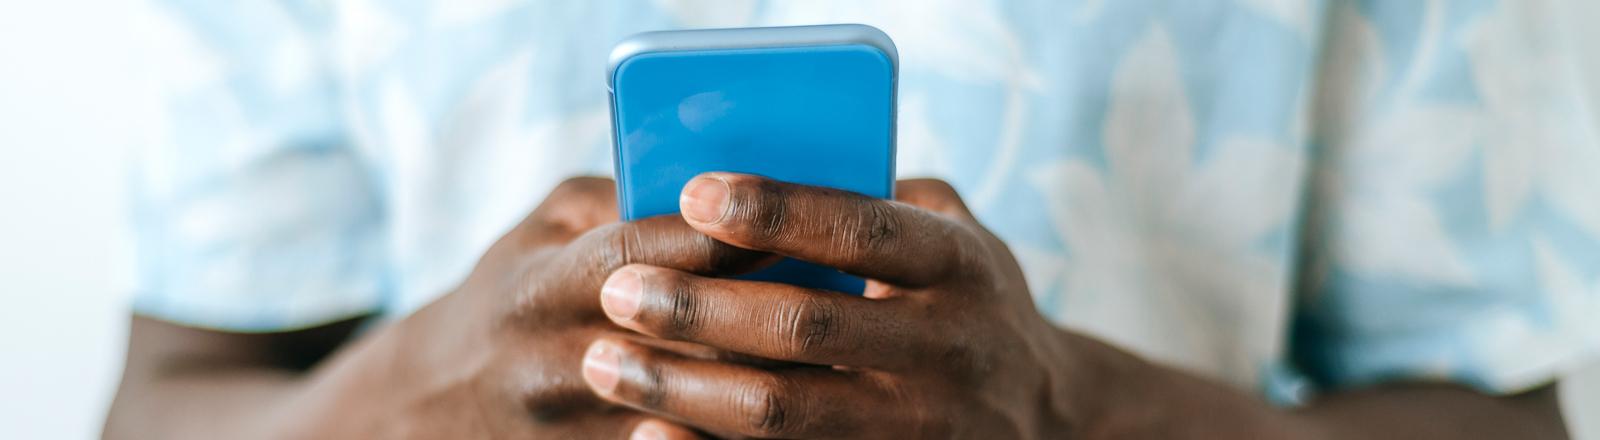 Mann hält Smartphone in der Hand